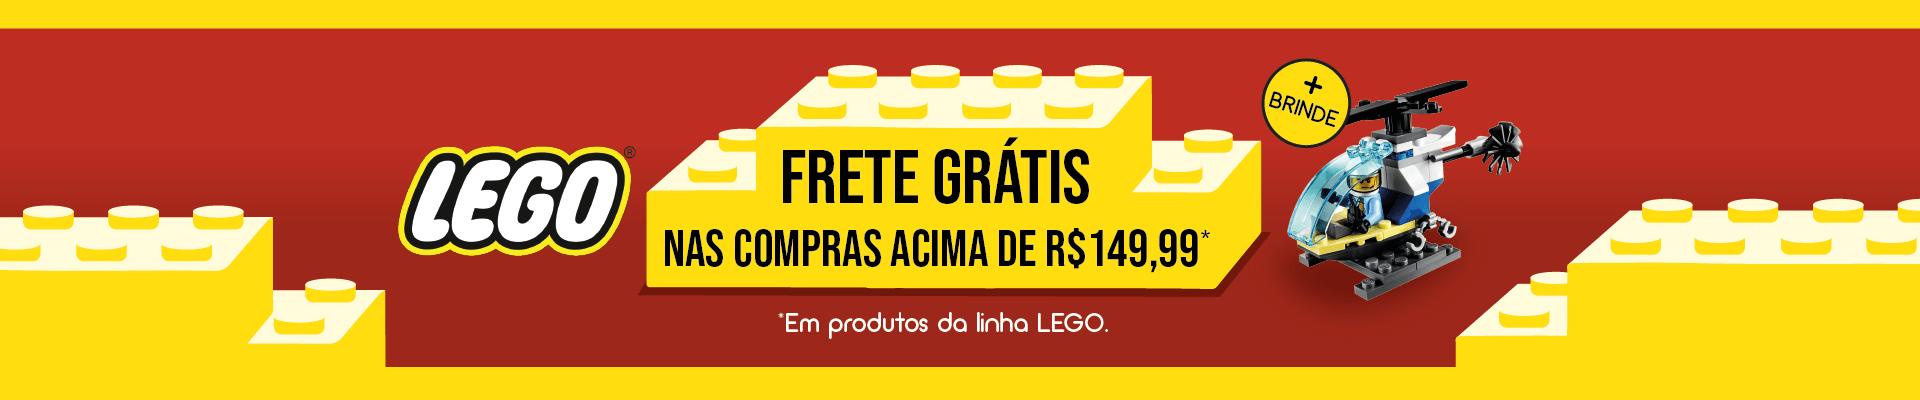 LEGO Frete Grátis